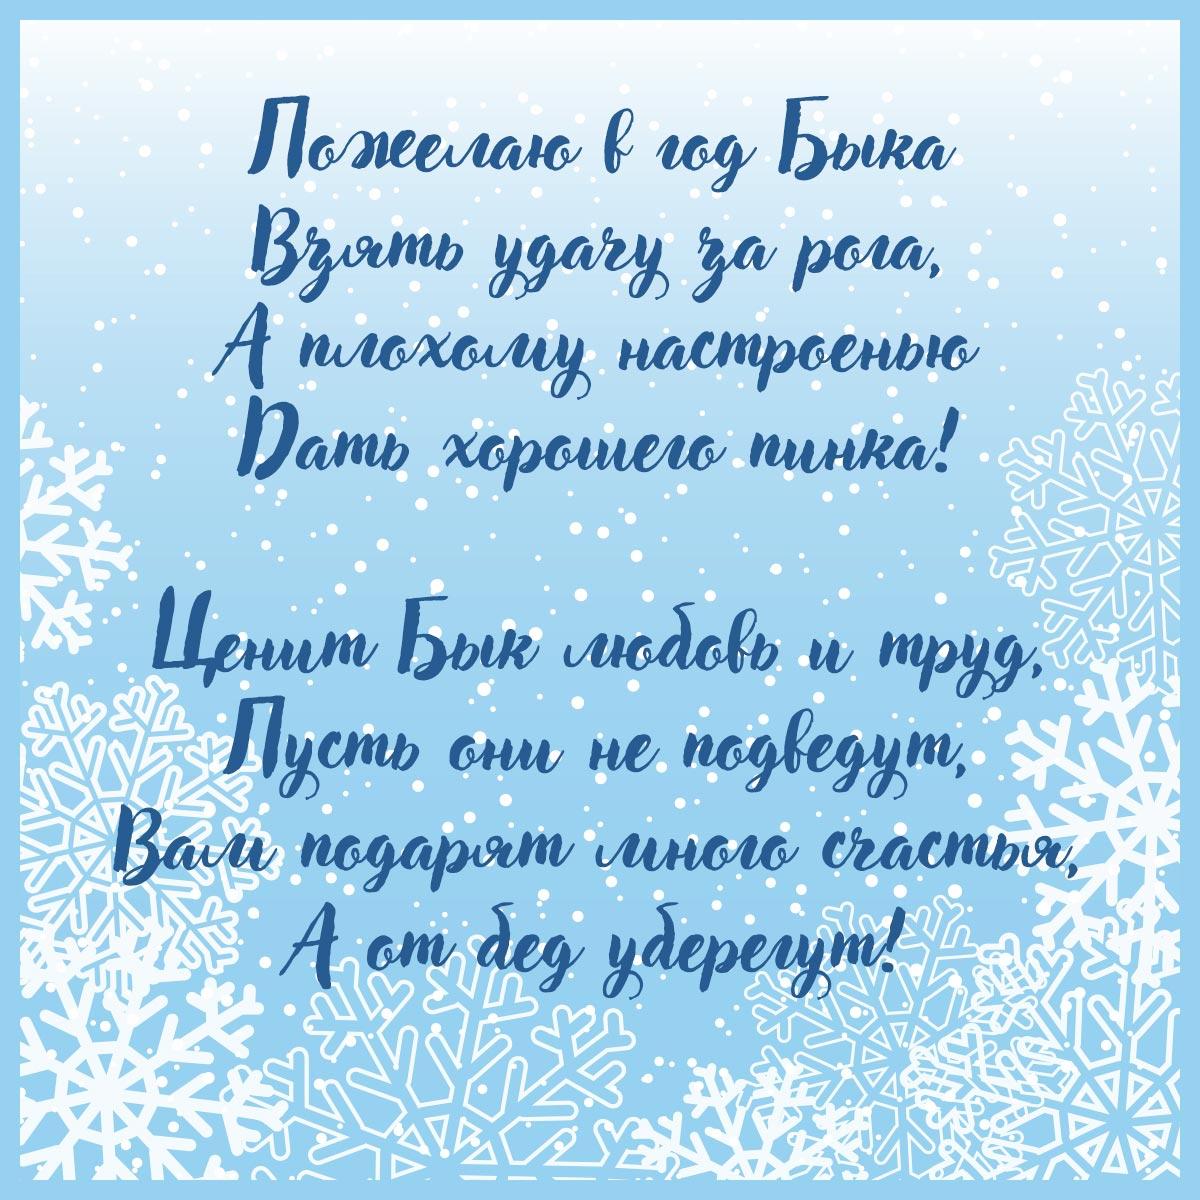 Картинка поздравления с новым годом 2021 быка каллиграфическим рукописным текстом на голубом фоне с белыми снежинками.